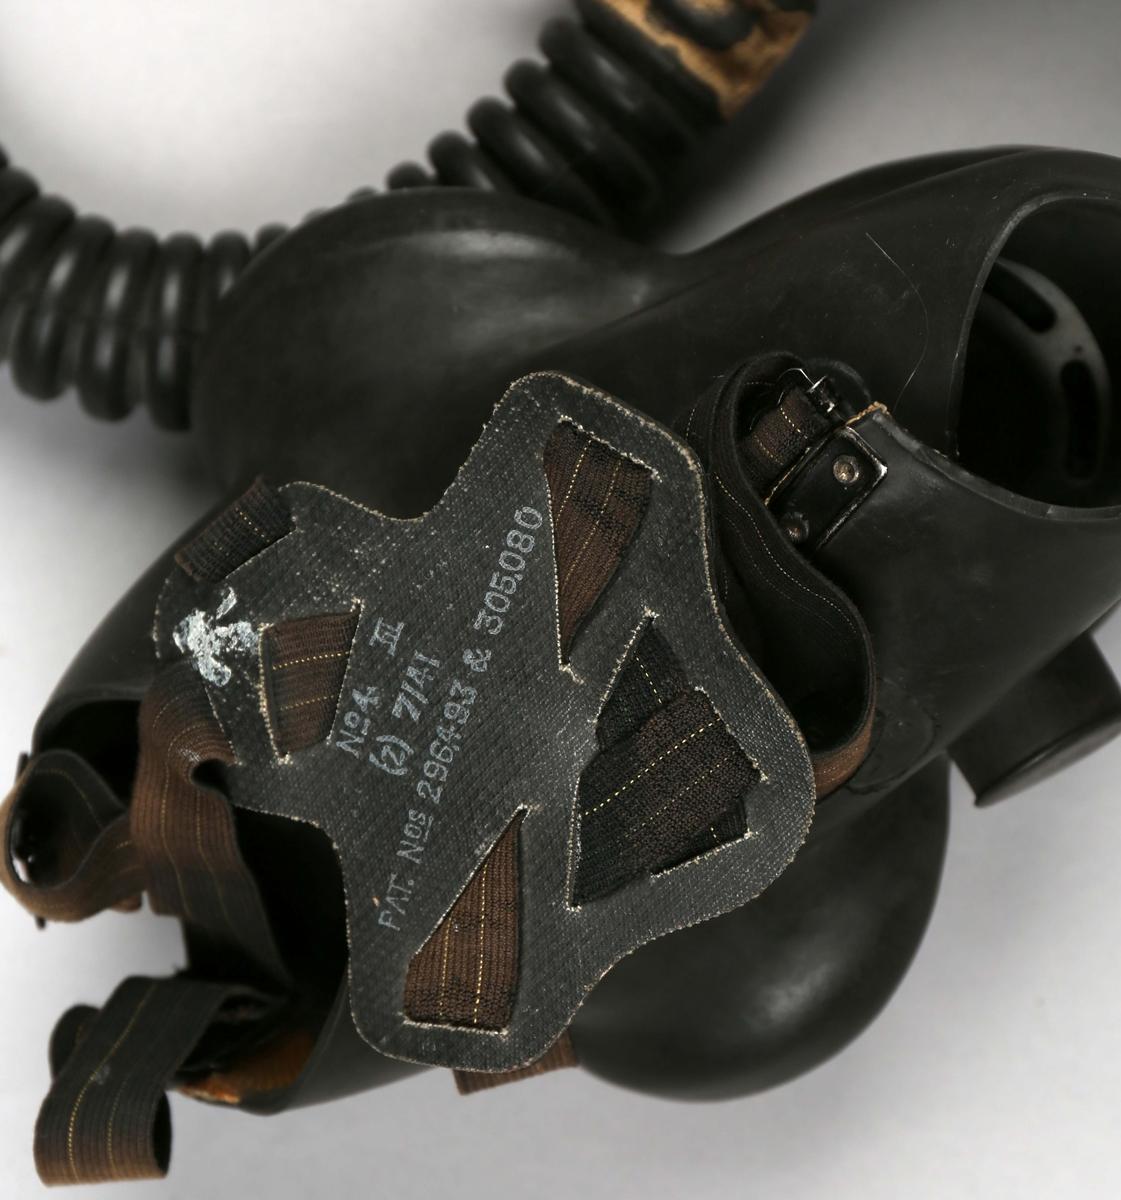 Gassmaske i tøyveske. Gassmaske i gummi med beholder av metall som er koblet sammen med en fleksibel slange. Oppbevares i tøyveske.